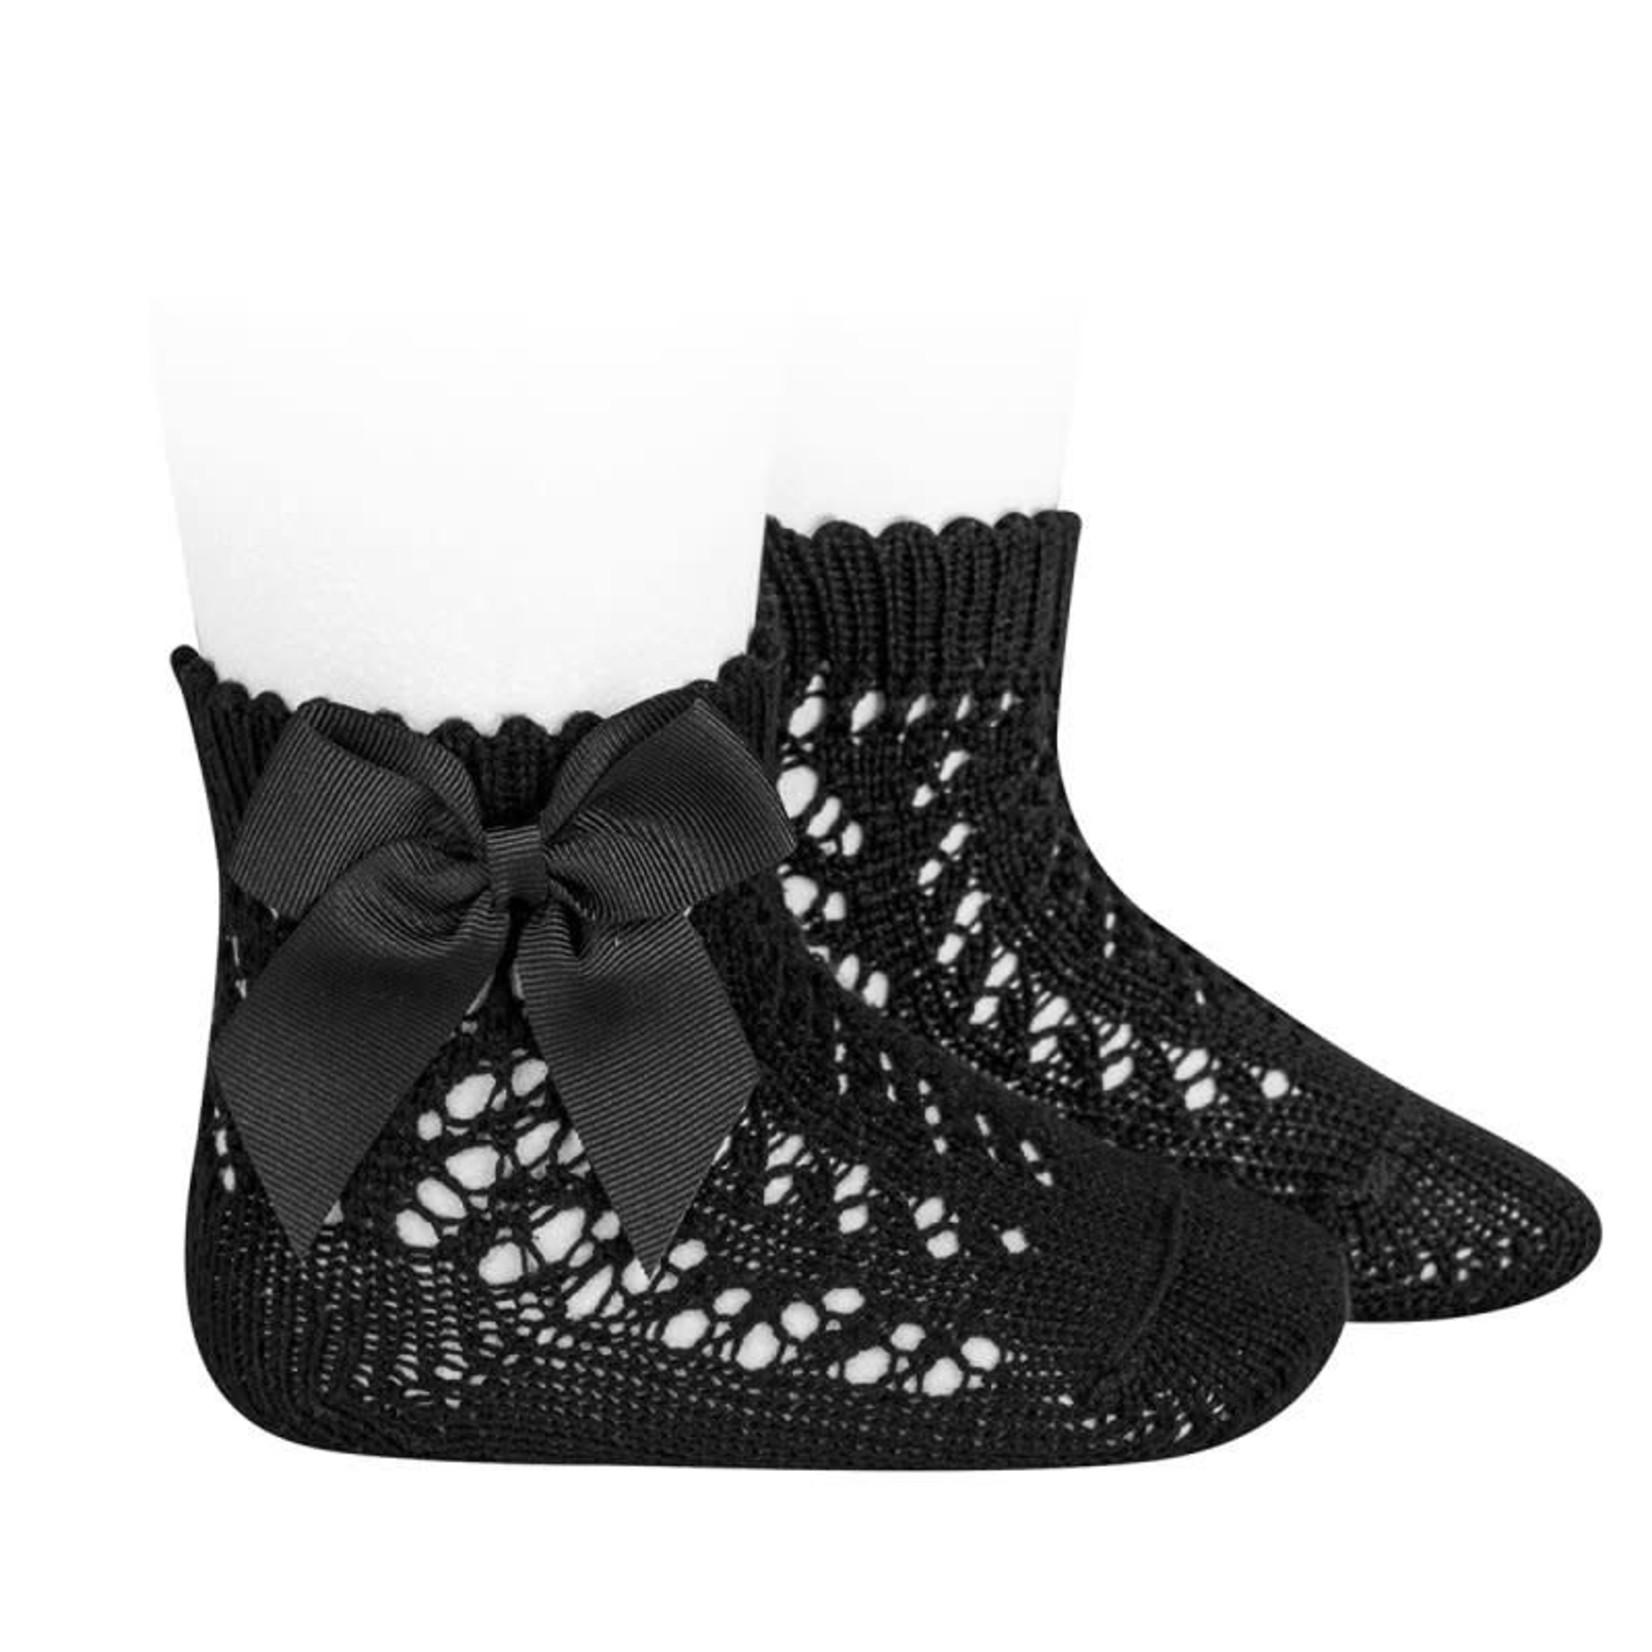 Socks Open w/Bow - Black